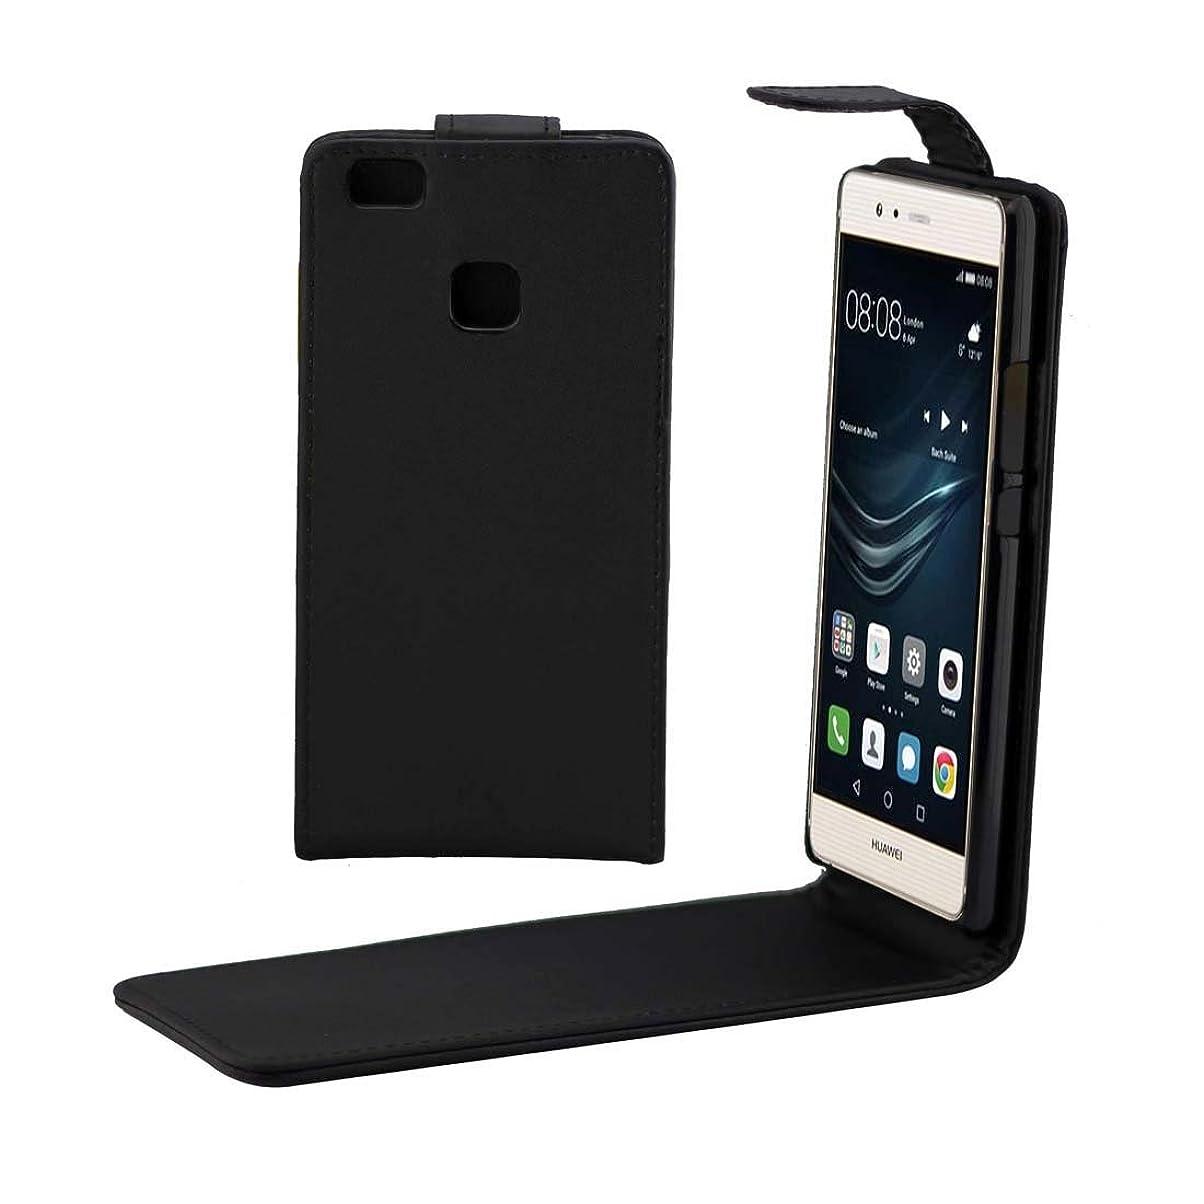 セージリズミカルな反逆者Huawei P9 Liteの新機能磁気バックル付きプレーンプレーンフリップレザーケース Yikaja (色 : Black)